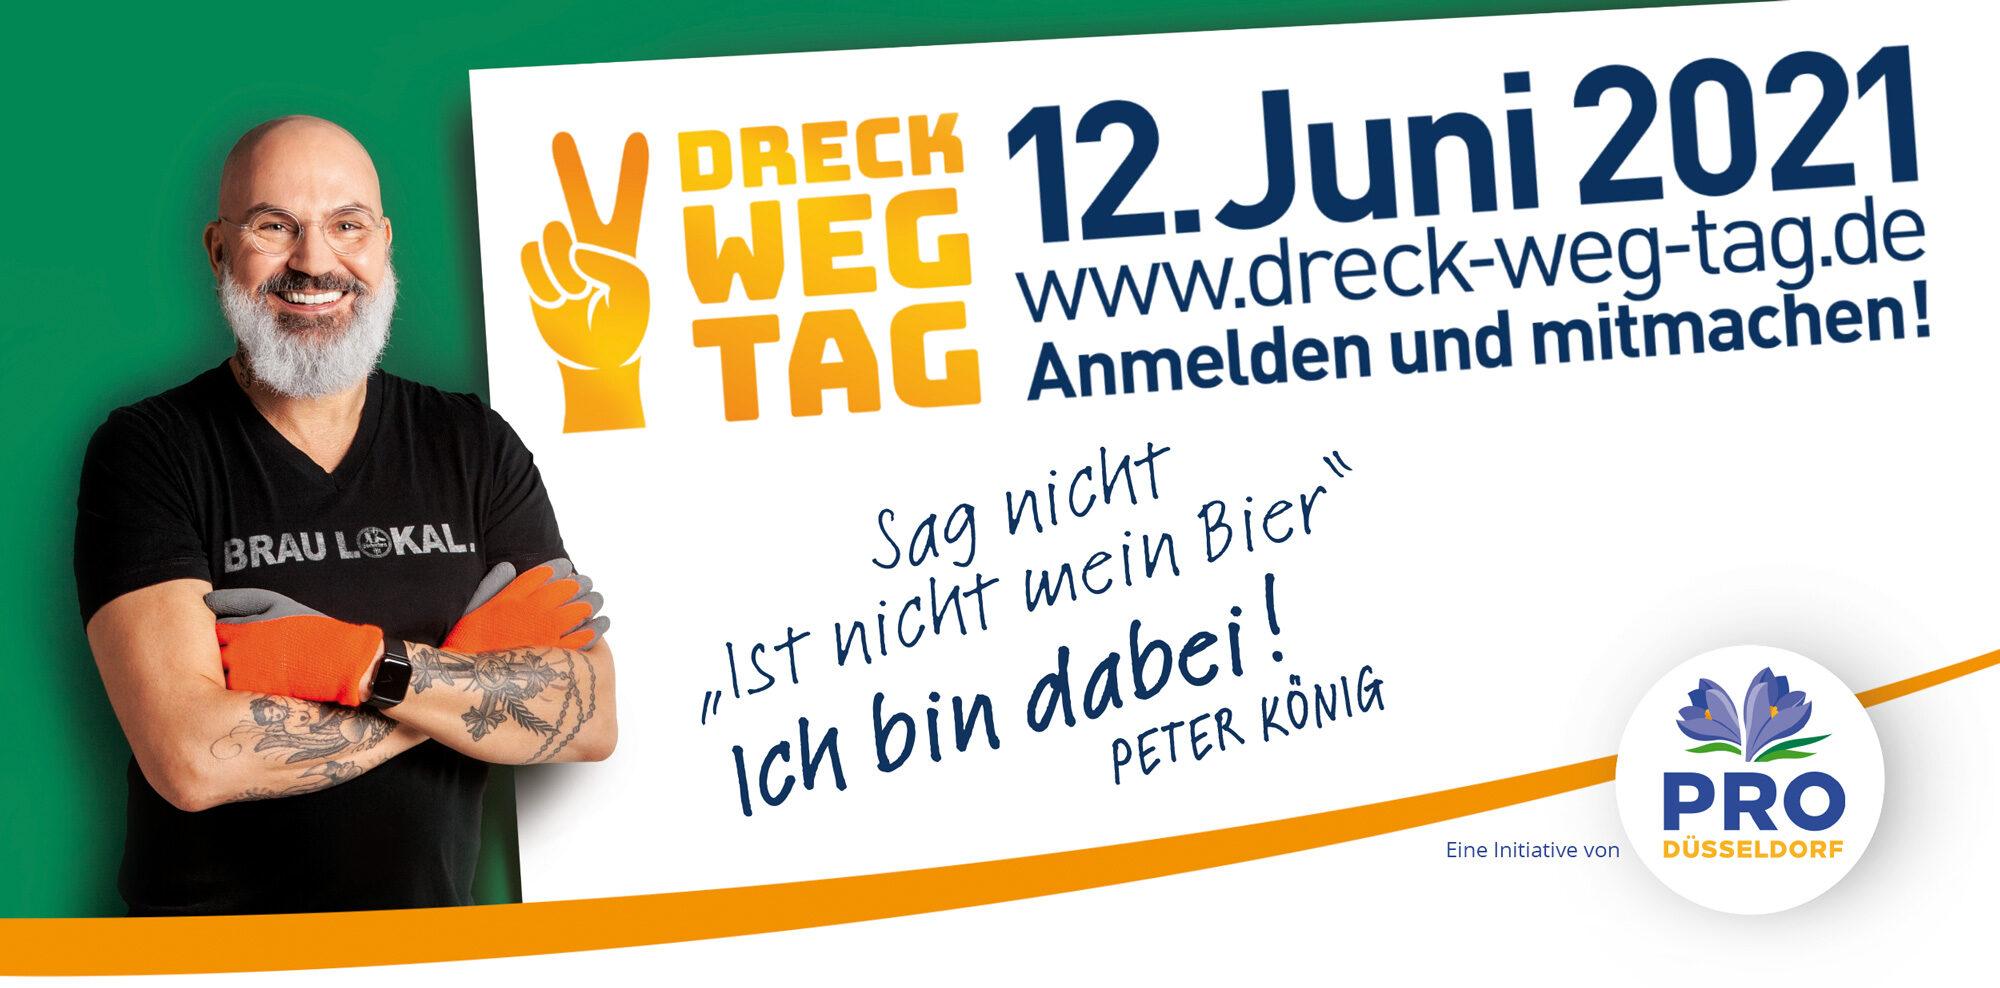 Mathias Niederberger ist dabei!